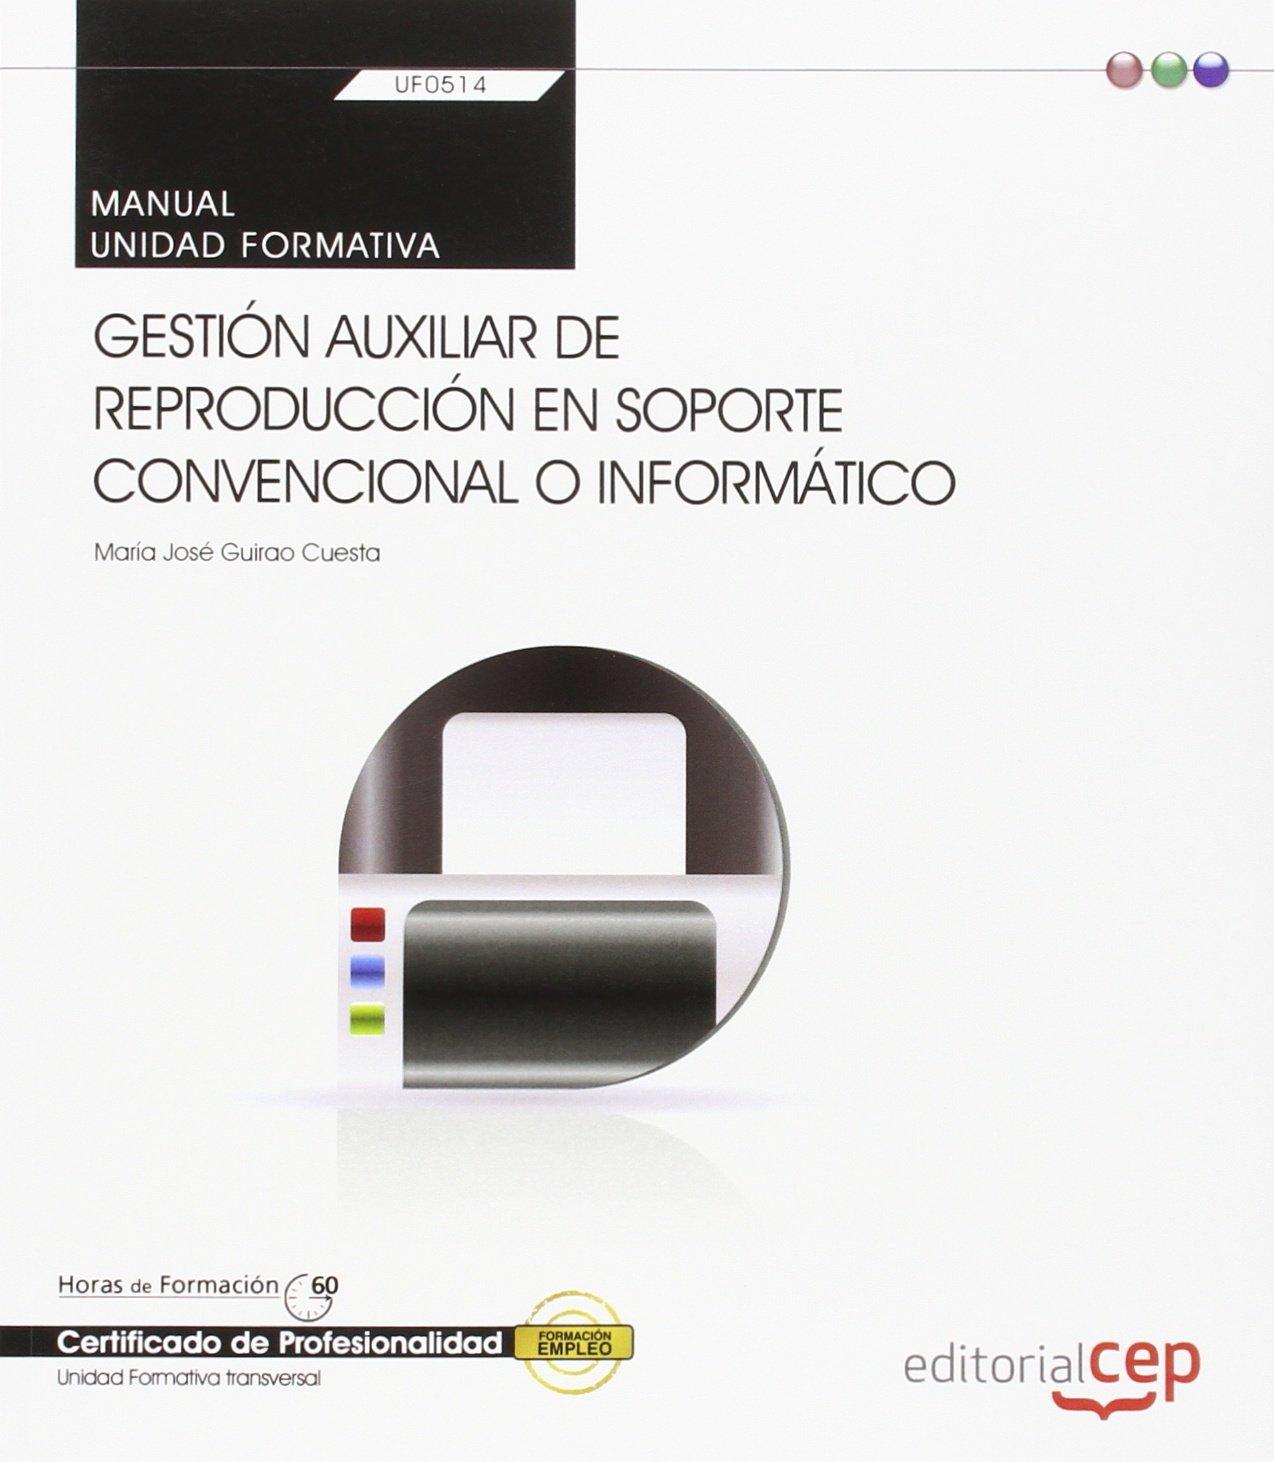 Manual. Gestión auxiliar de reproducción en soporte convencional o informático (UF0514: Transversal). Certificados de profesionalidad Tapa blanda – 4 mar 2014 María José Guirao Cuesta EDITORIAL CEP S.L. 8468151890